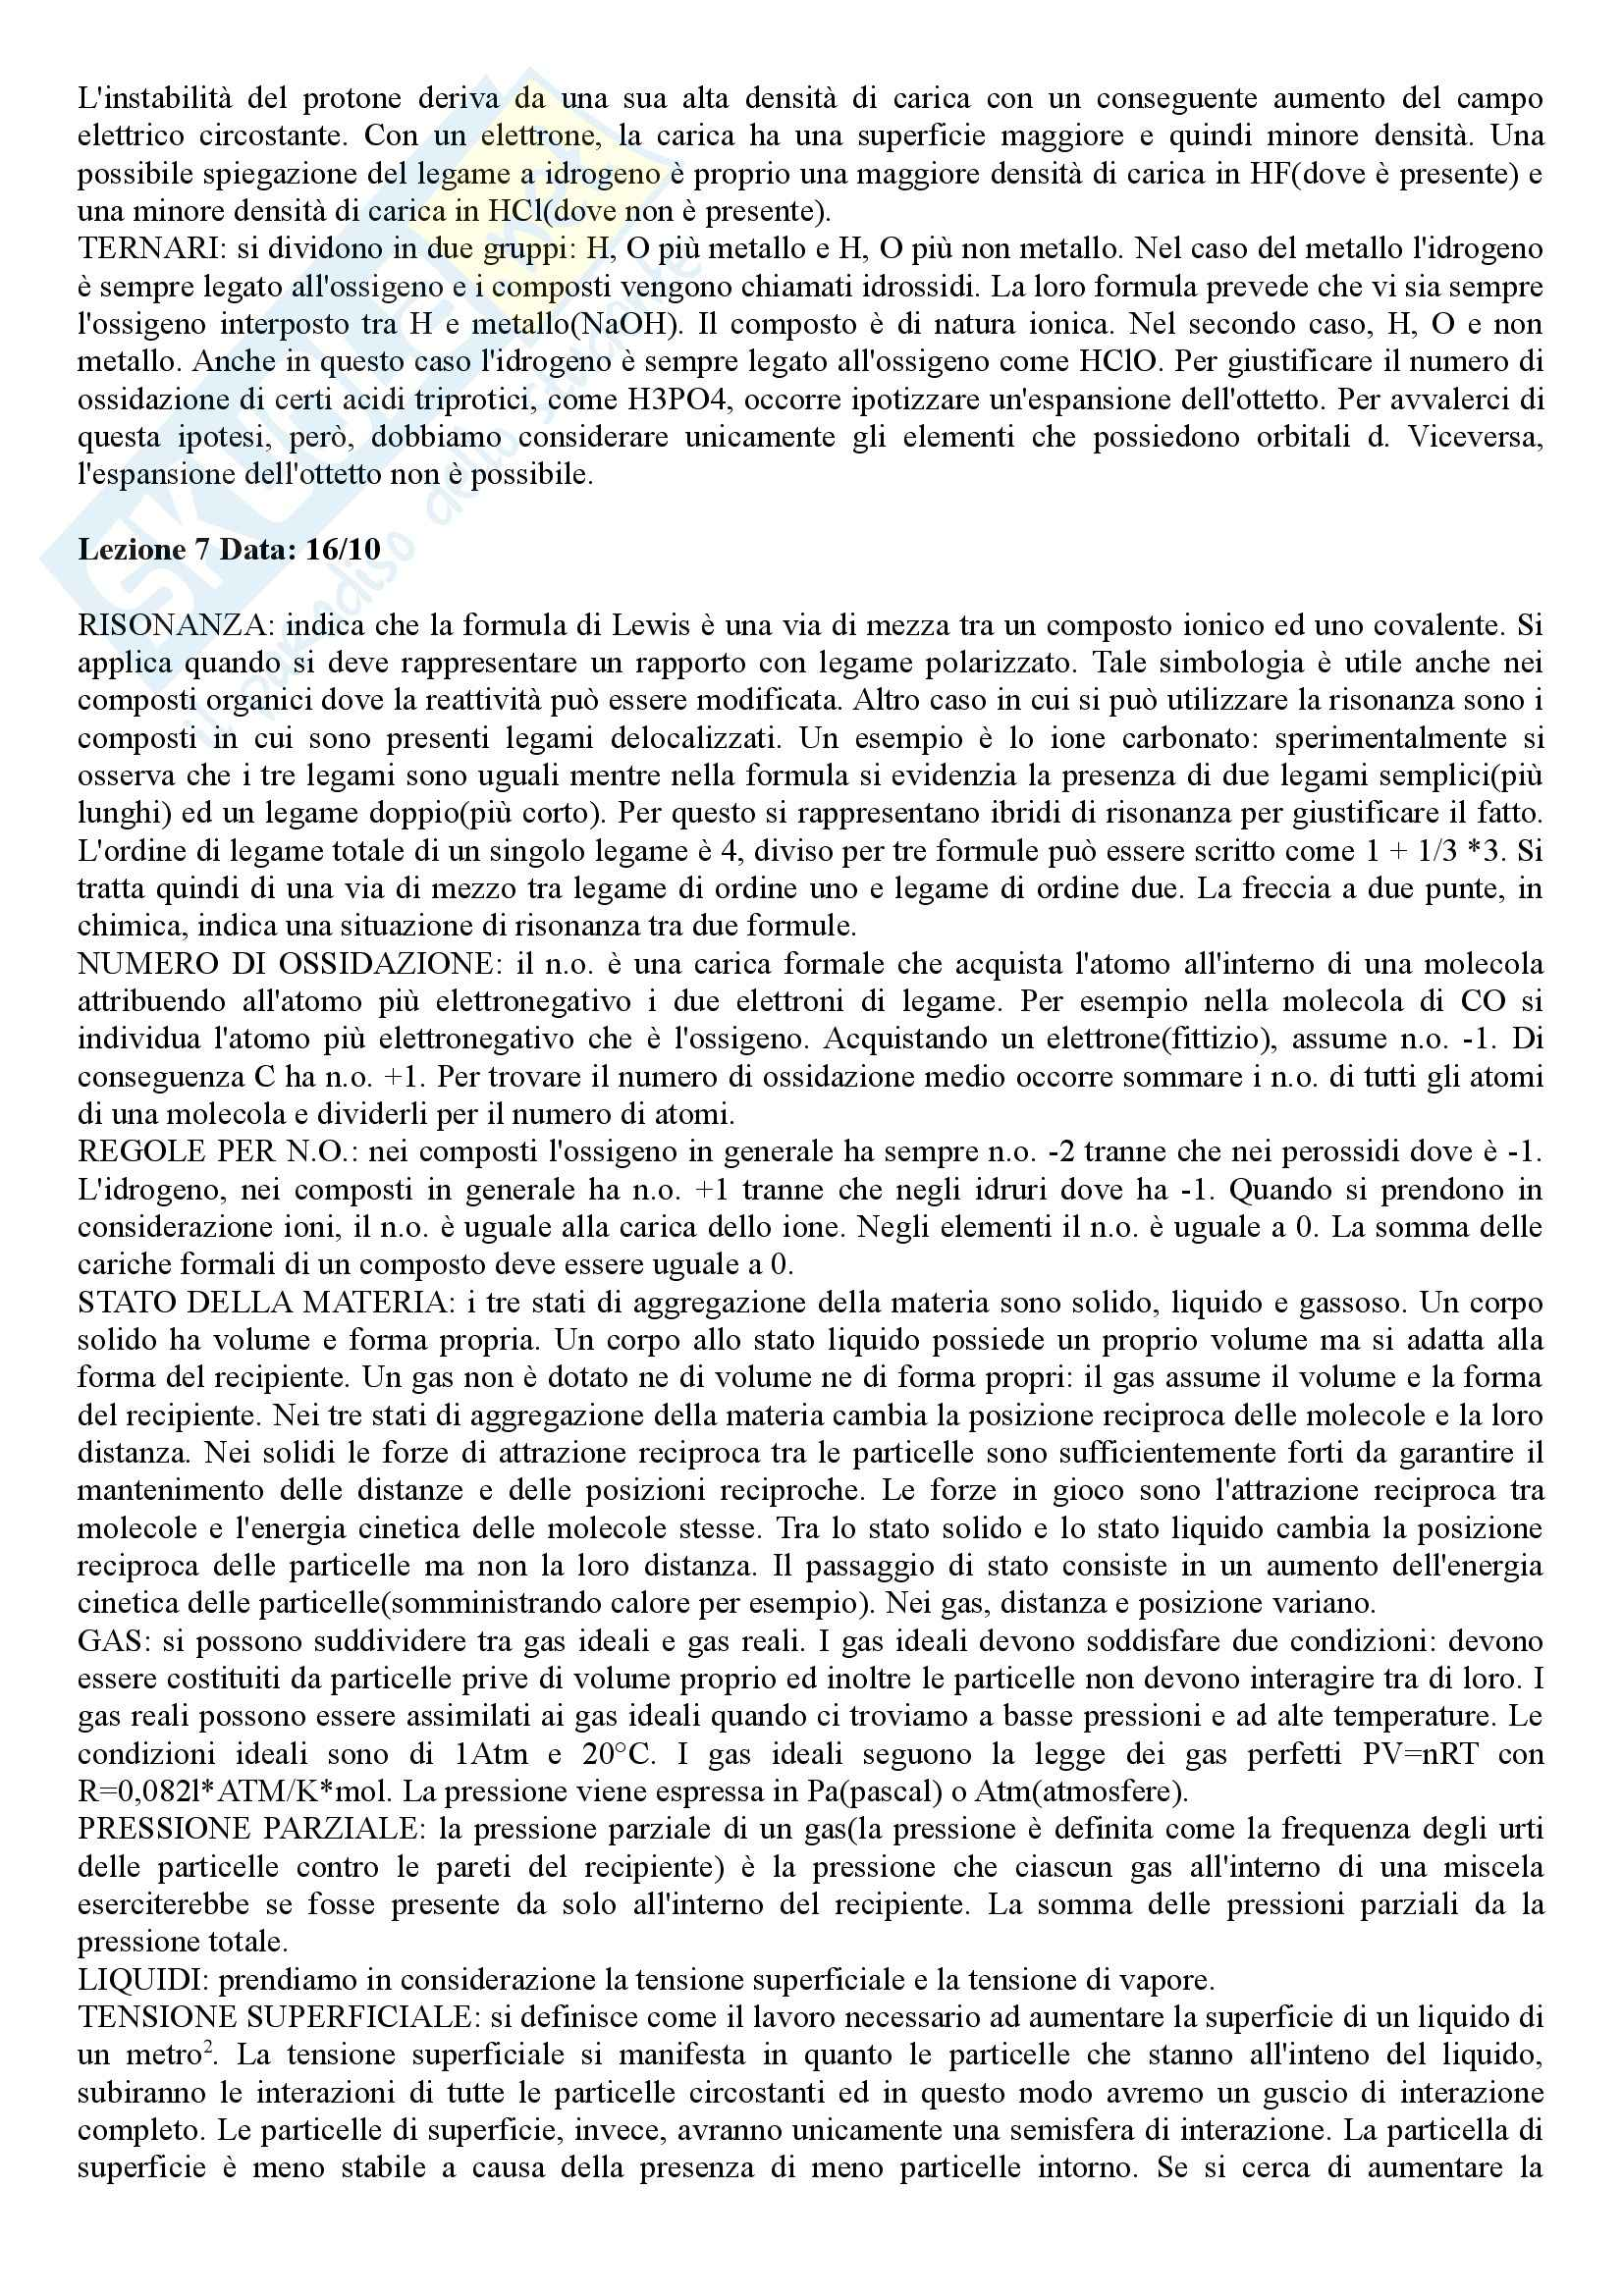 Chimica e Propedeutica biochimica - Appunti Pag. 6